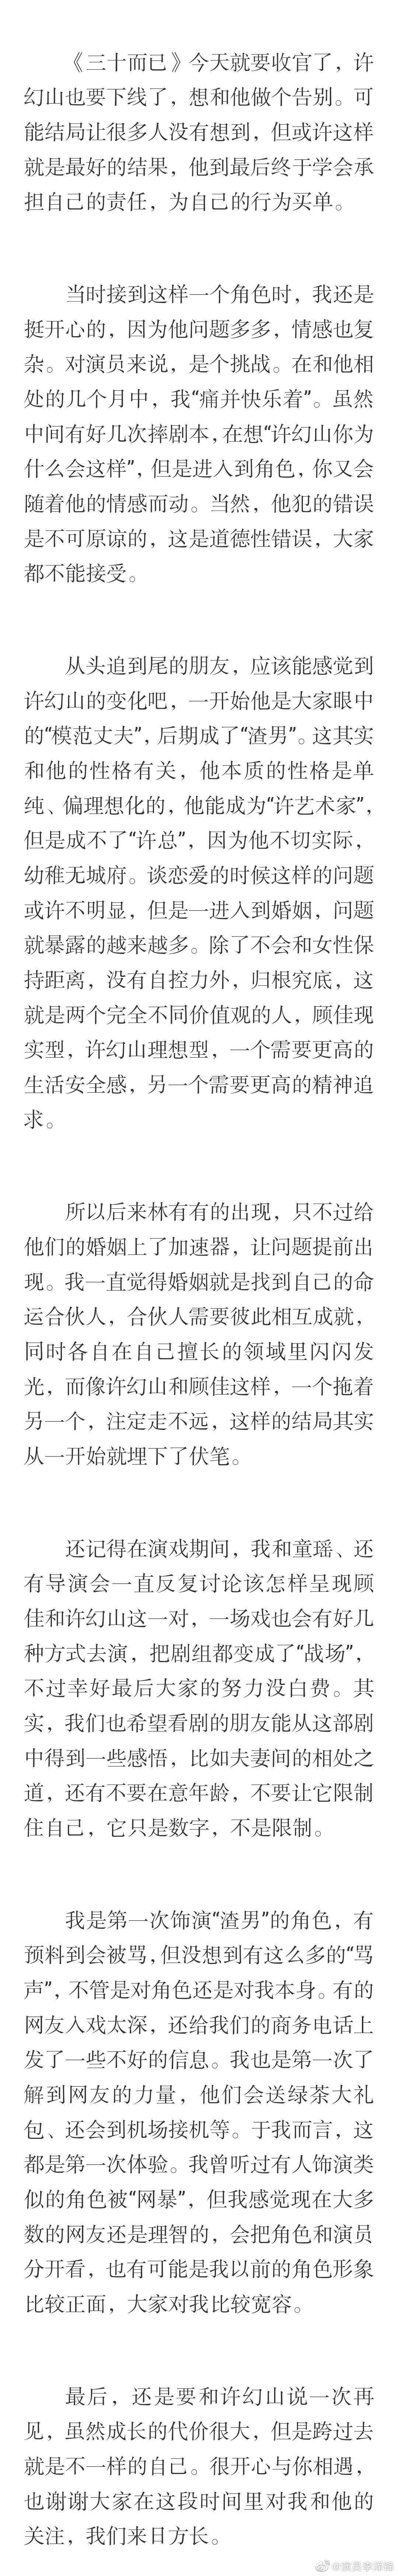 """李泽锋发文告别《三十而已》许幻山:这几个月""""痛并快乐着"""""""